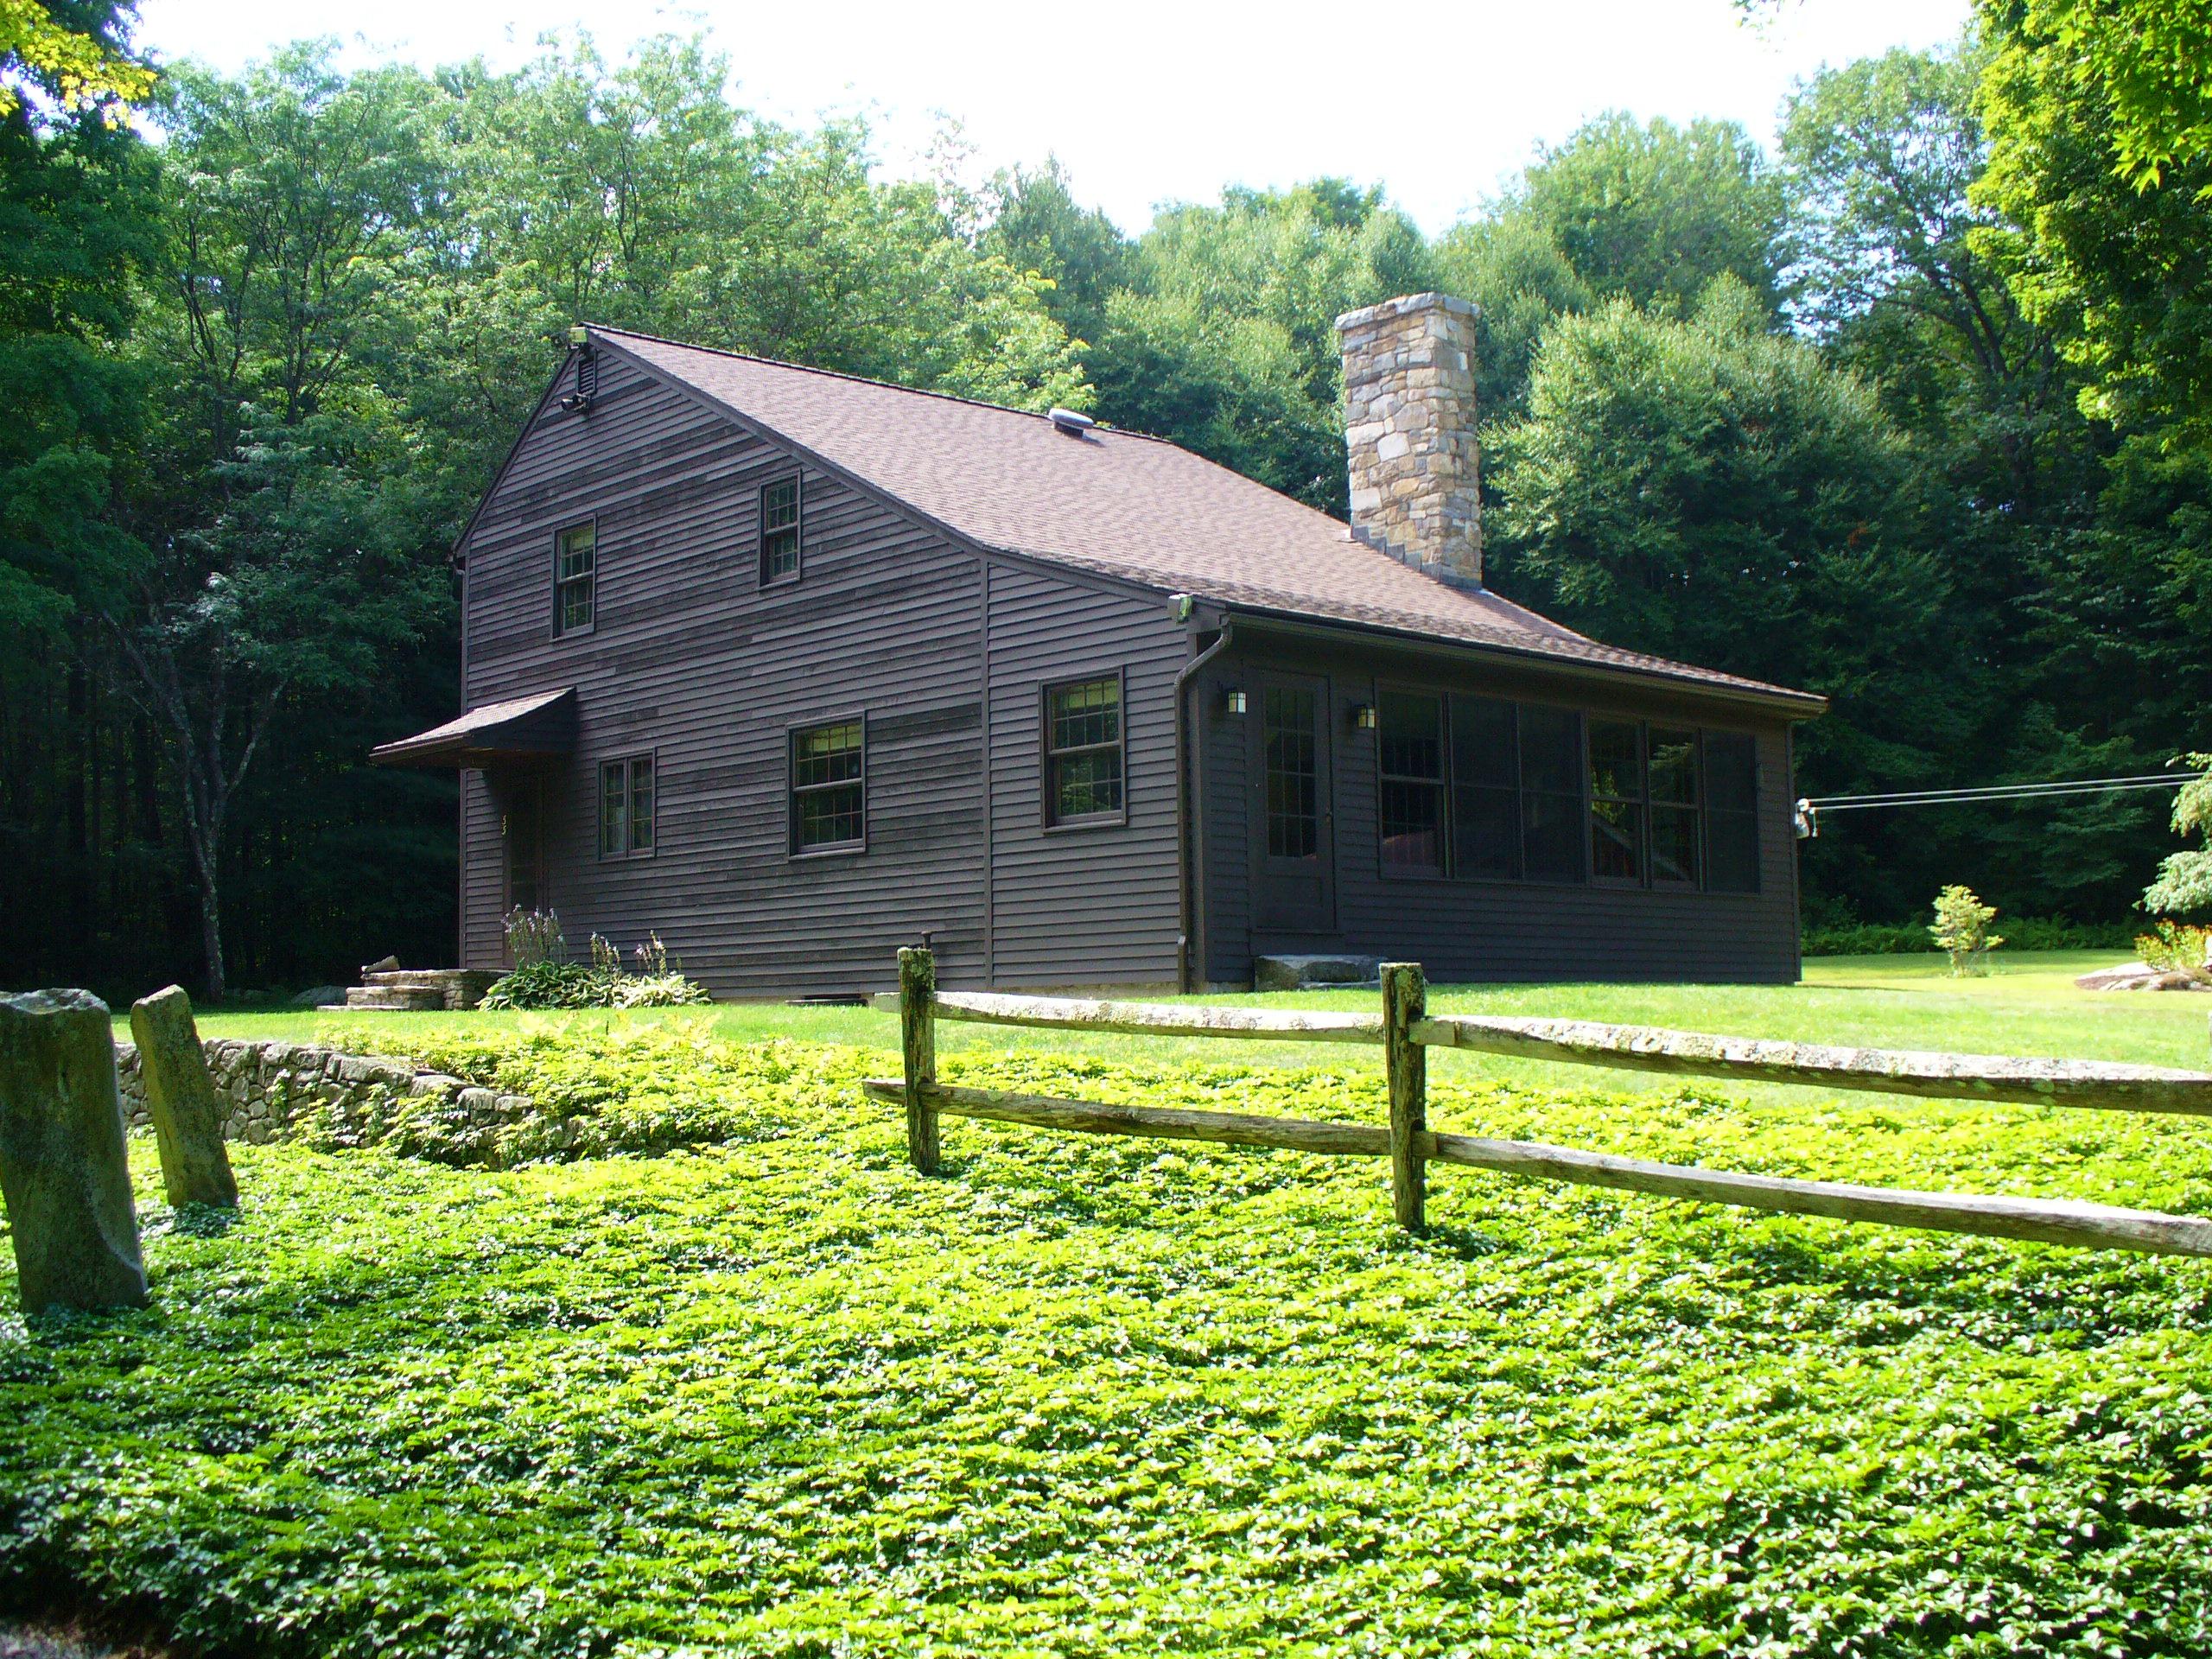 Частный односемейный дом для того Продажа на Ultimate Private Country Home With Gardens 55 Jakes Rd Goshen, Коннектикут 06756 Соединенные Штаты